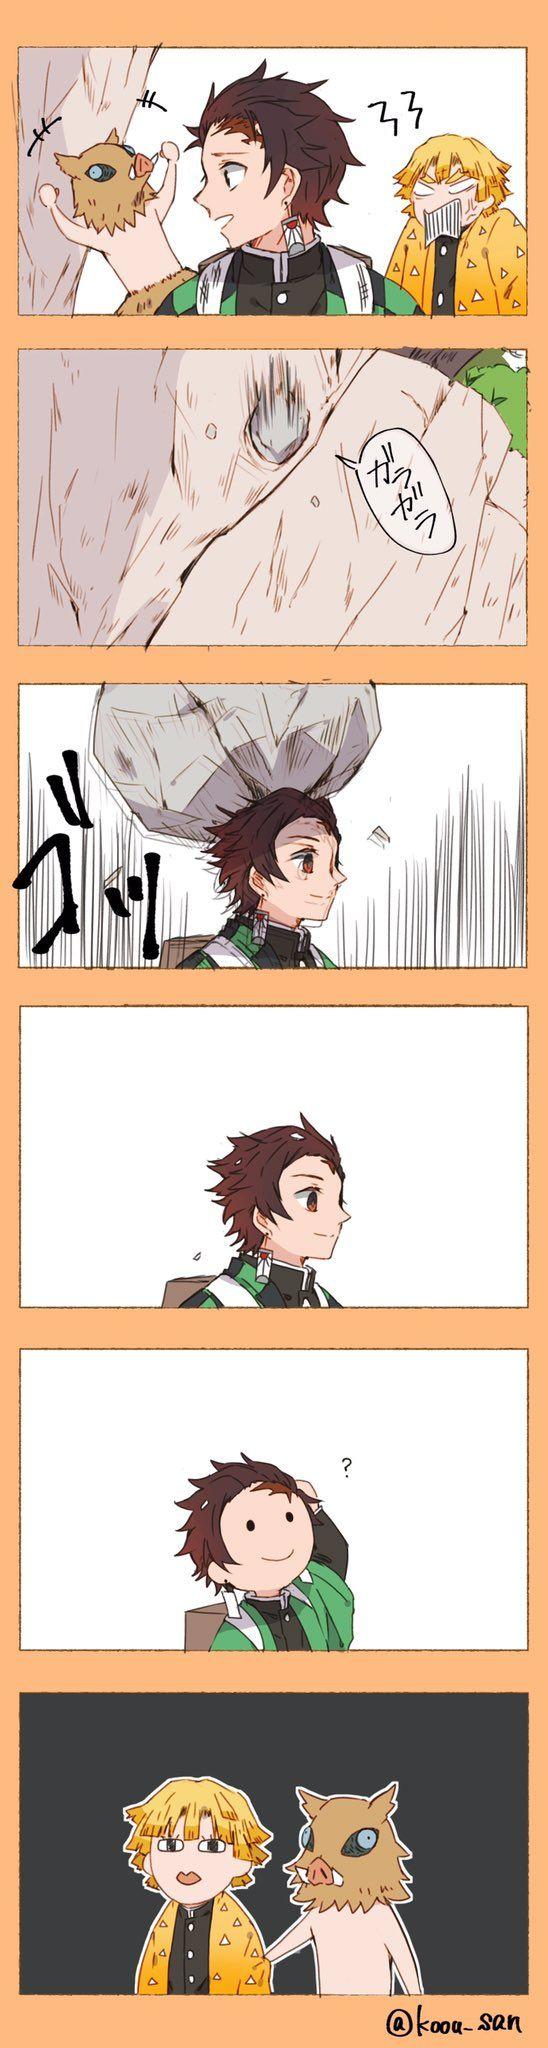 Anime Memes Anime Memes Funny Anime Memes Anime Memes Otaku